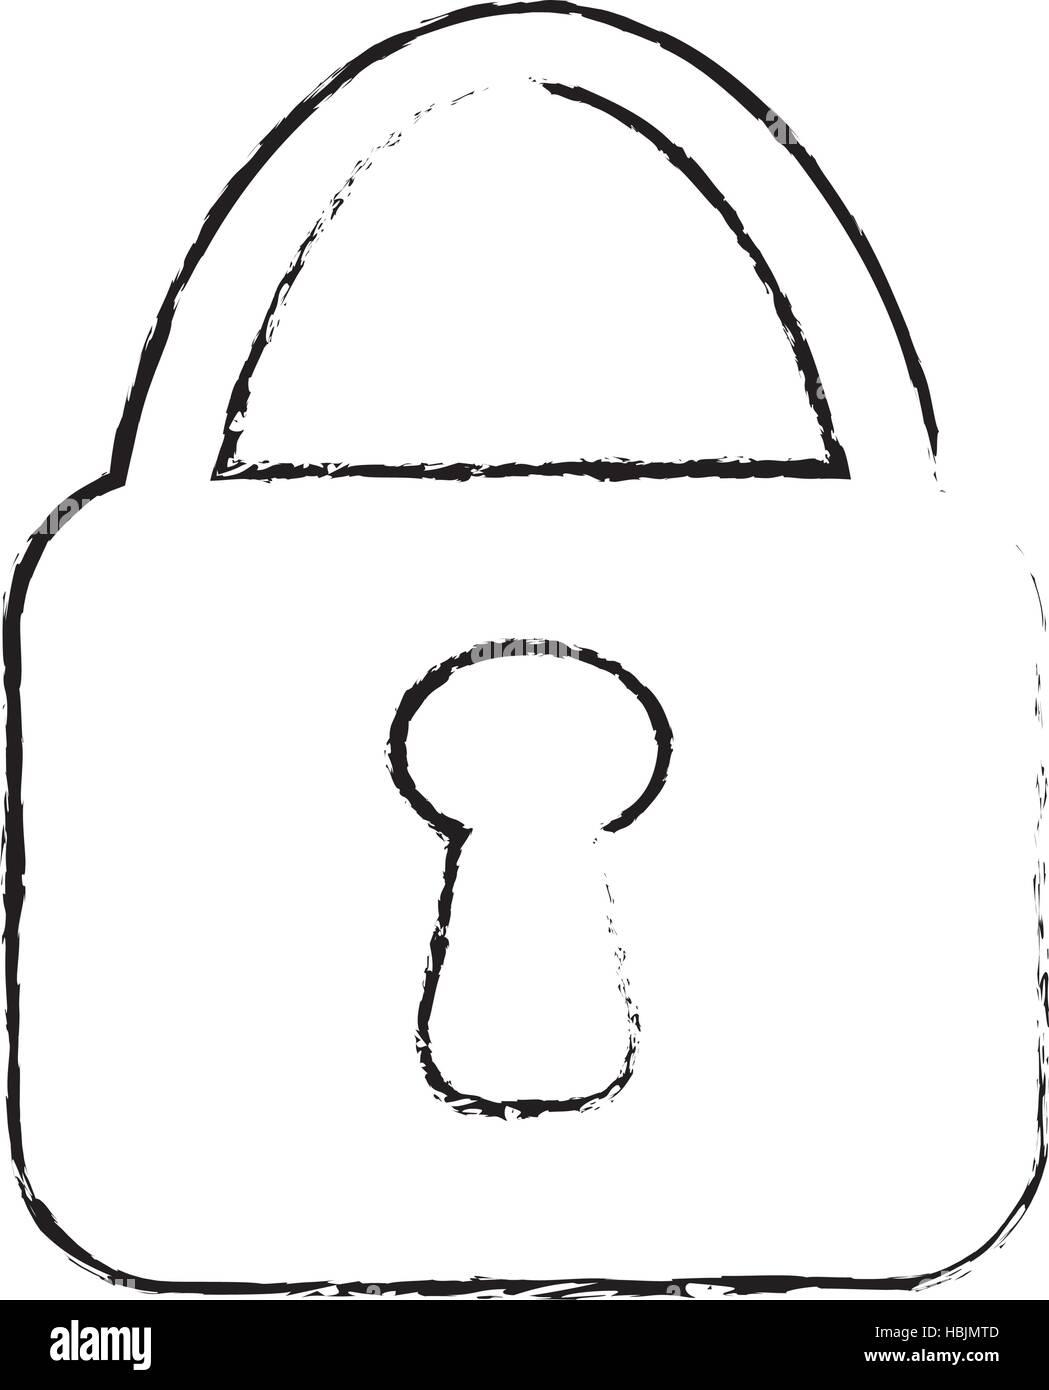 safety lock icon image - Stock Image